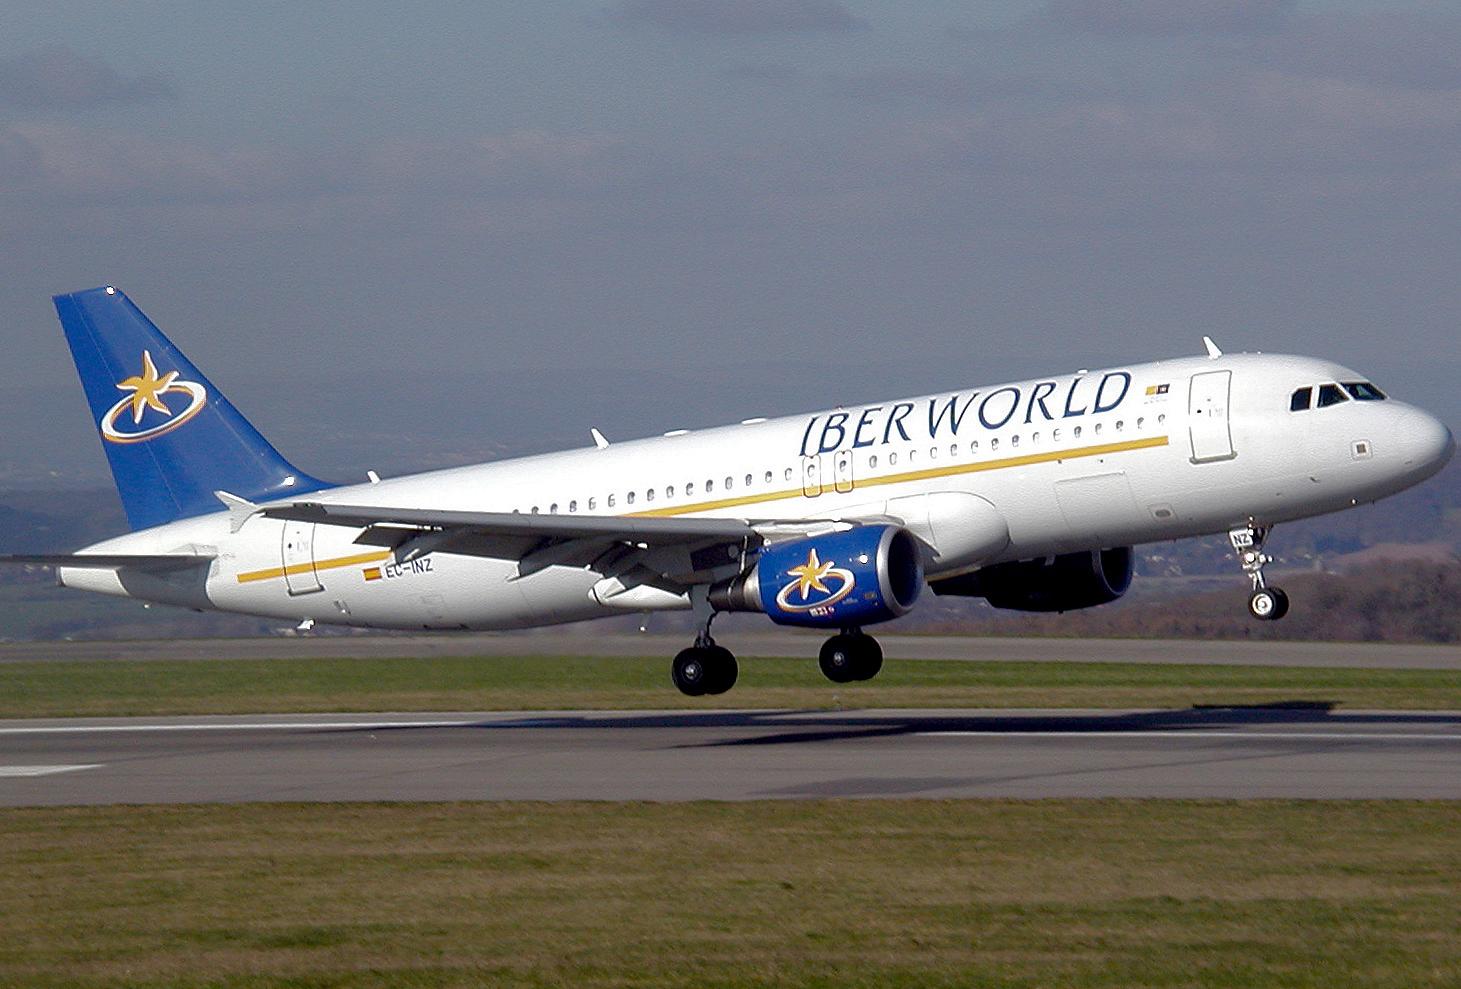 航空Iberverld航空(Iberworld航空)。 公式sayt.2